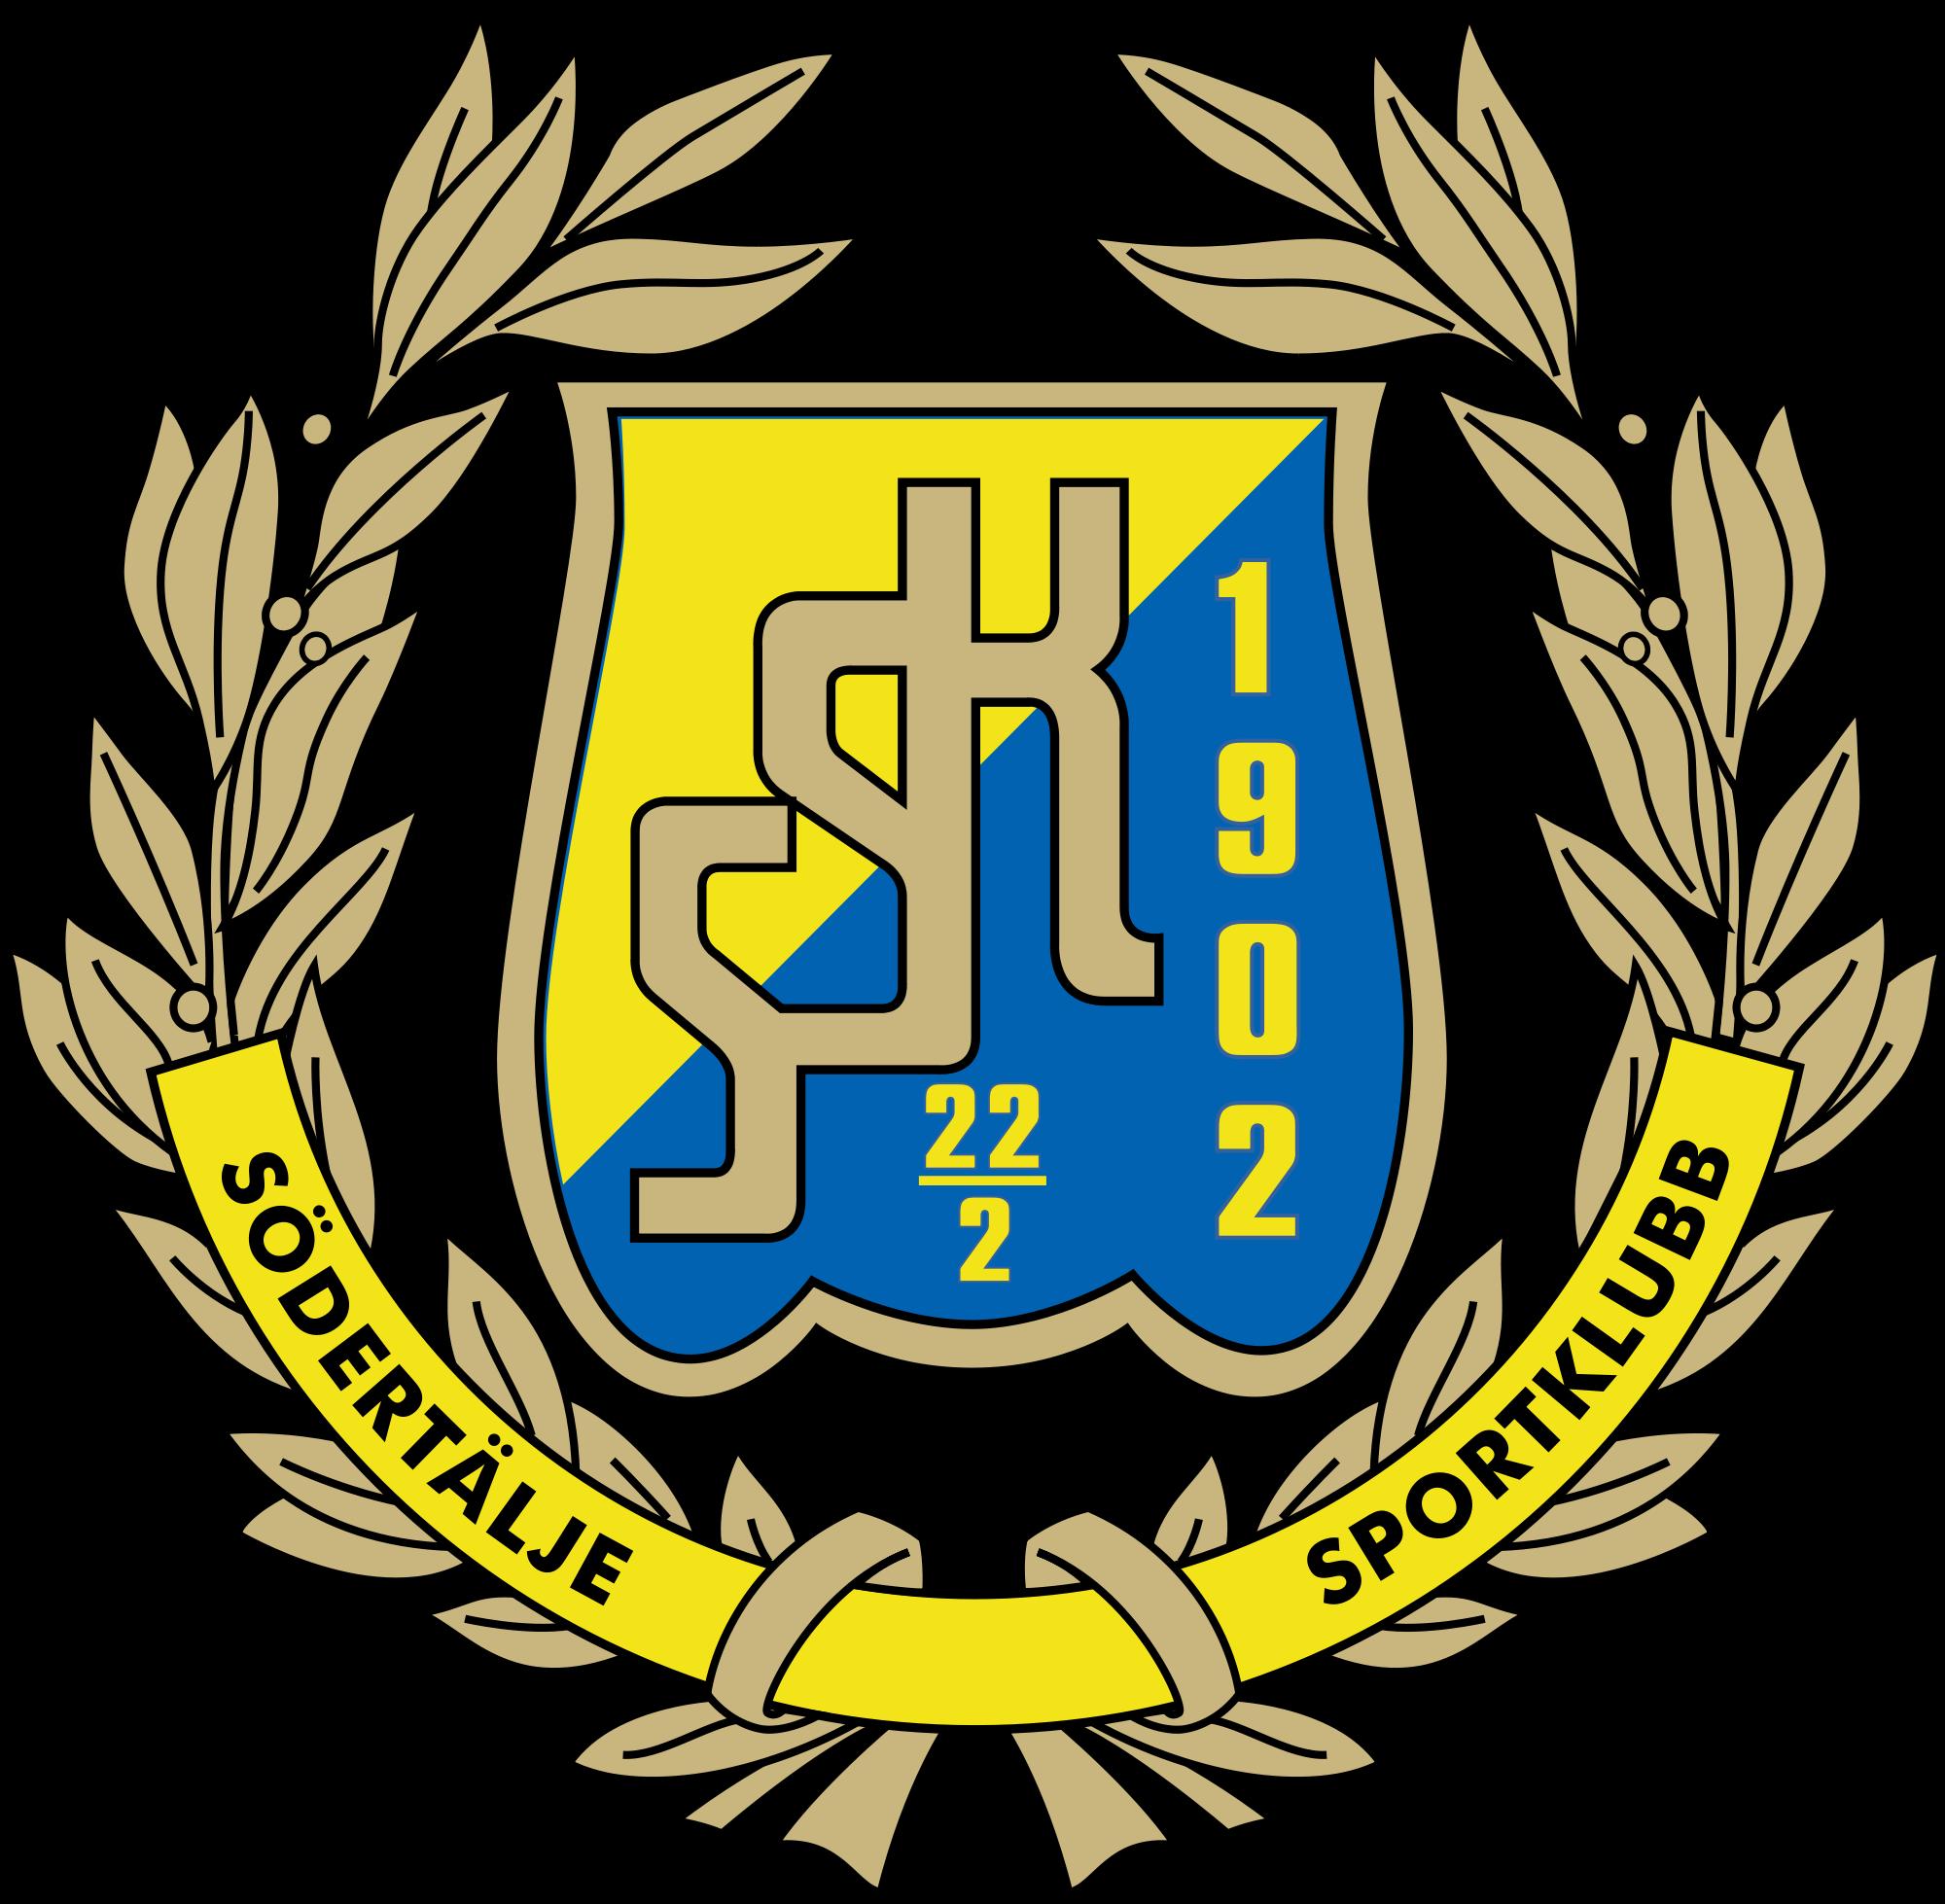 Södertälje SK Sk logo, Logos, Pro hockey